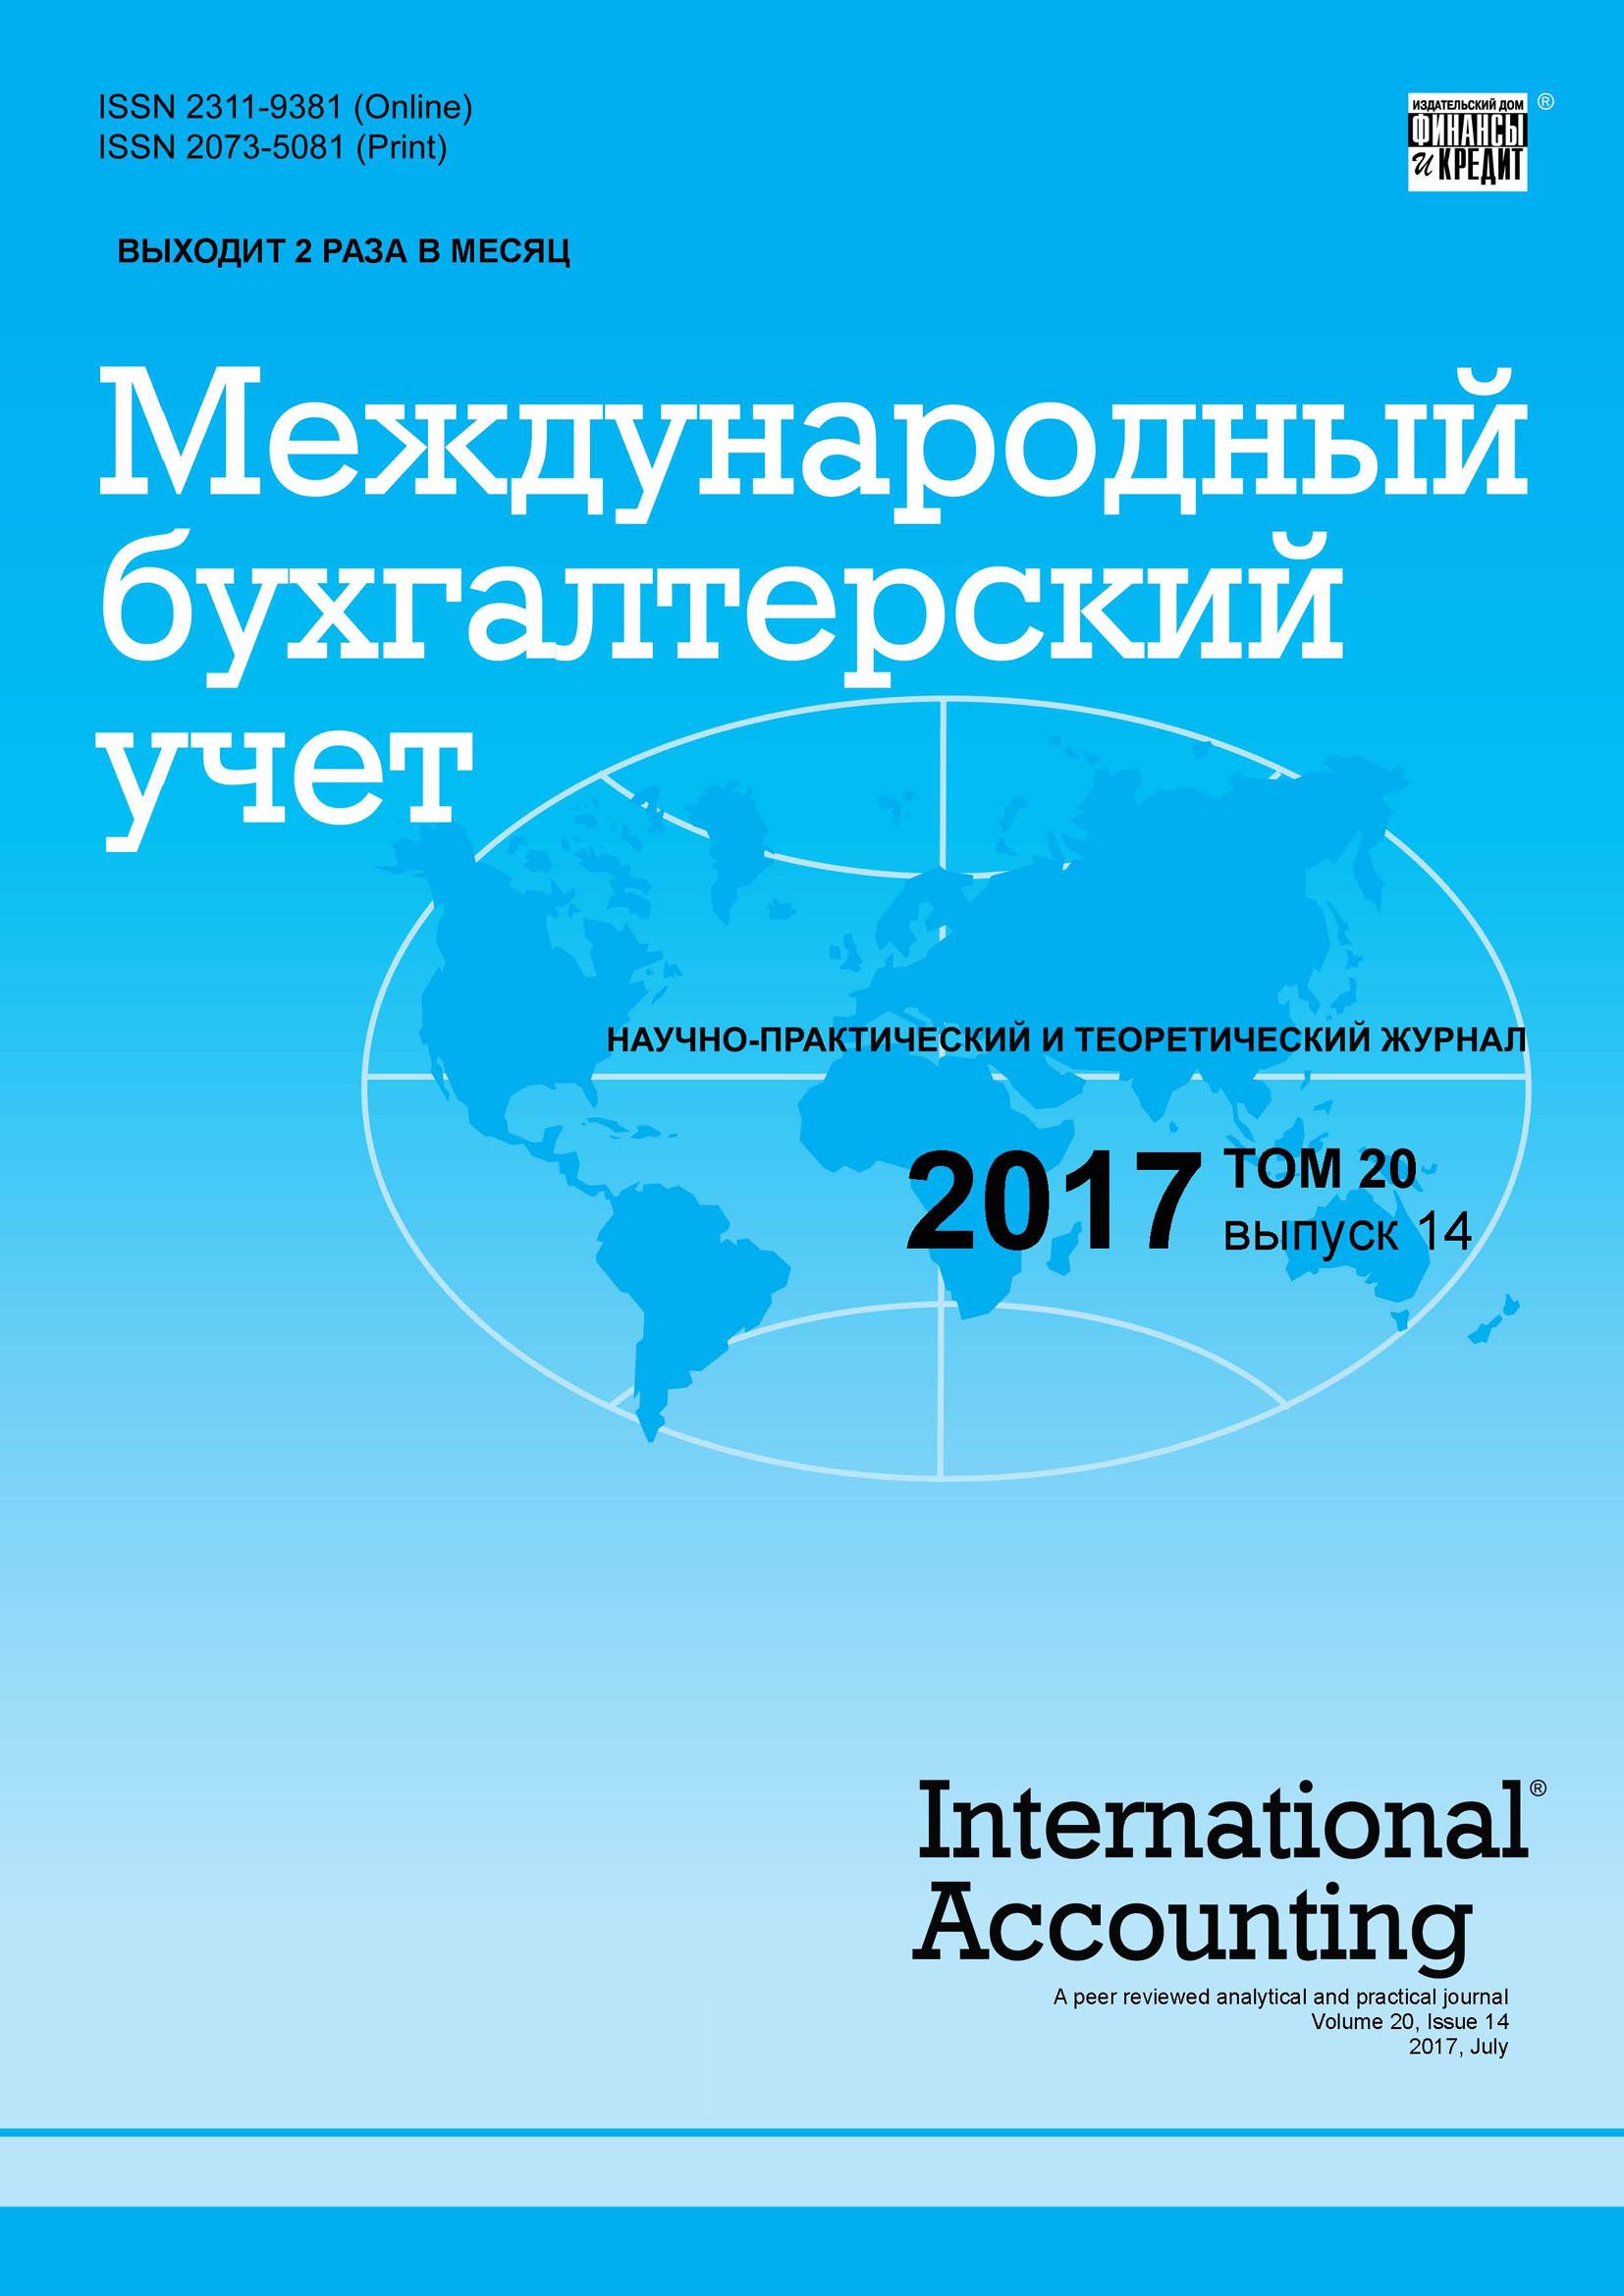 Международный бухгалтерский учет № 14 2017